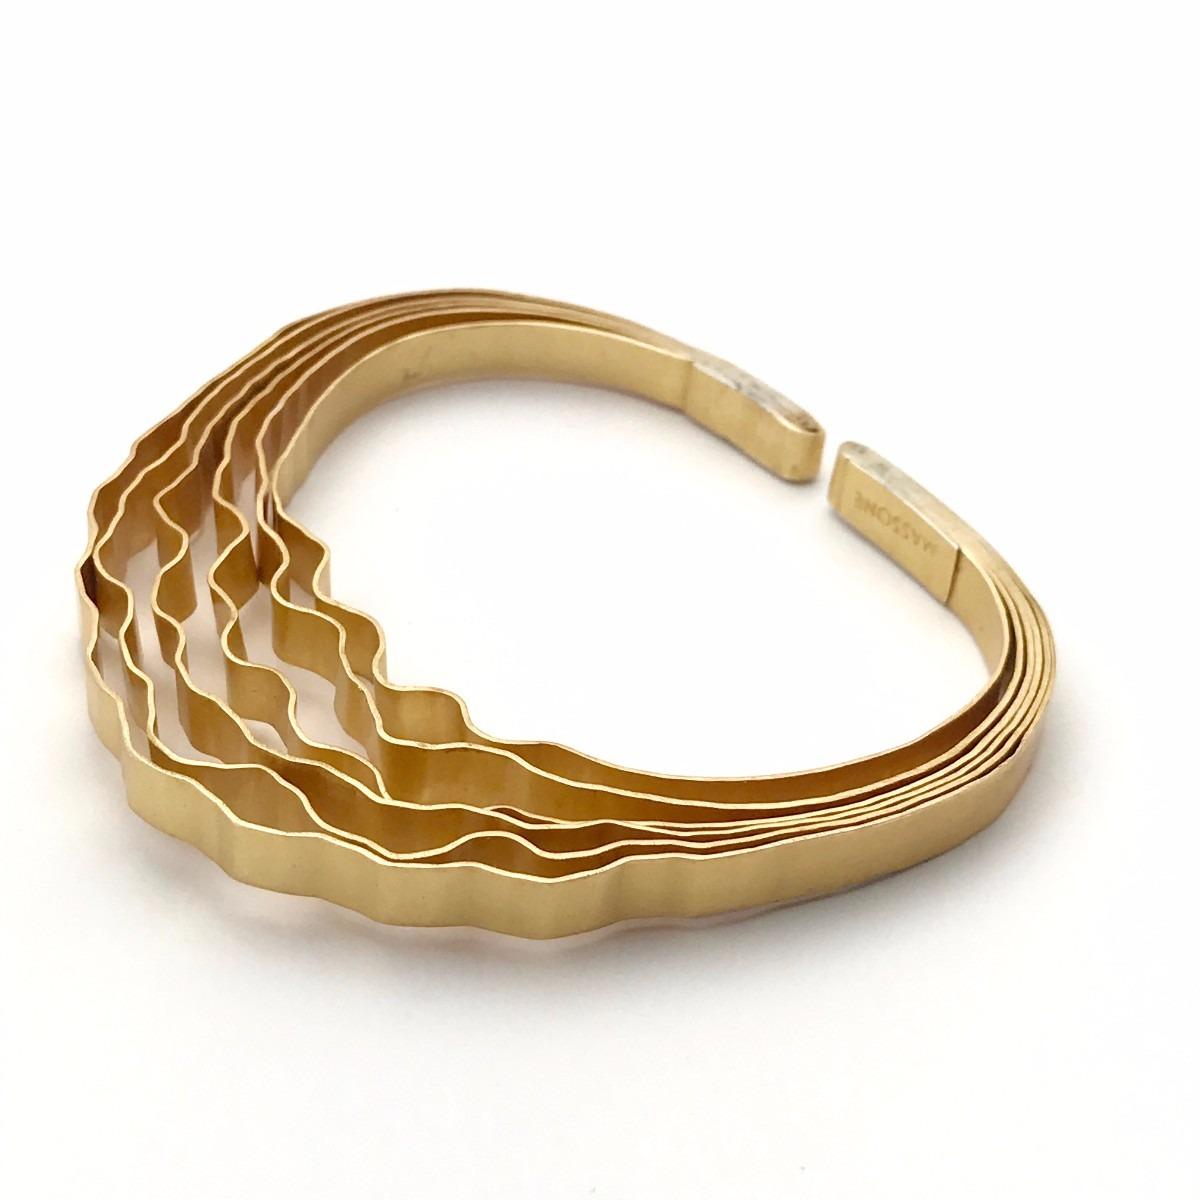 Bosque Pulsera Fina - Baño de Oro